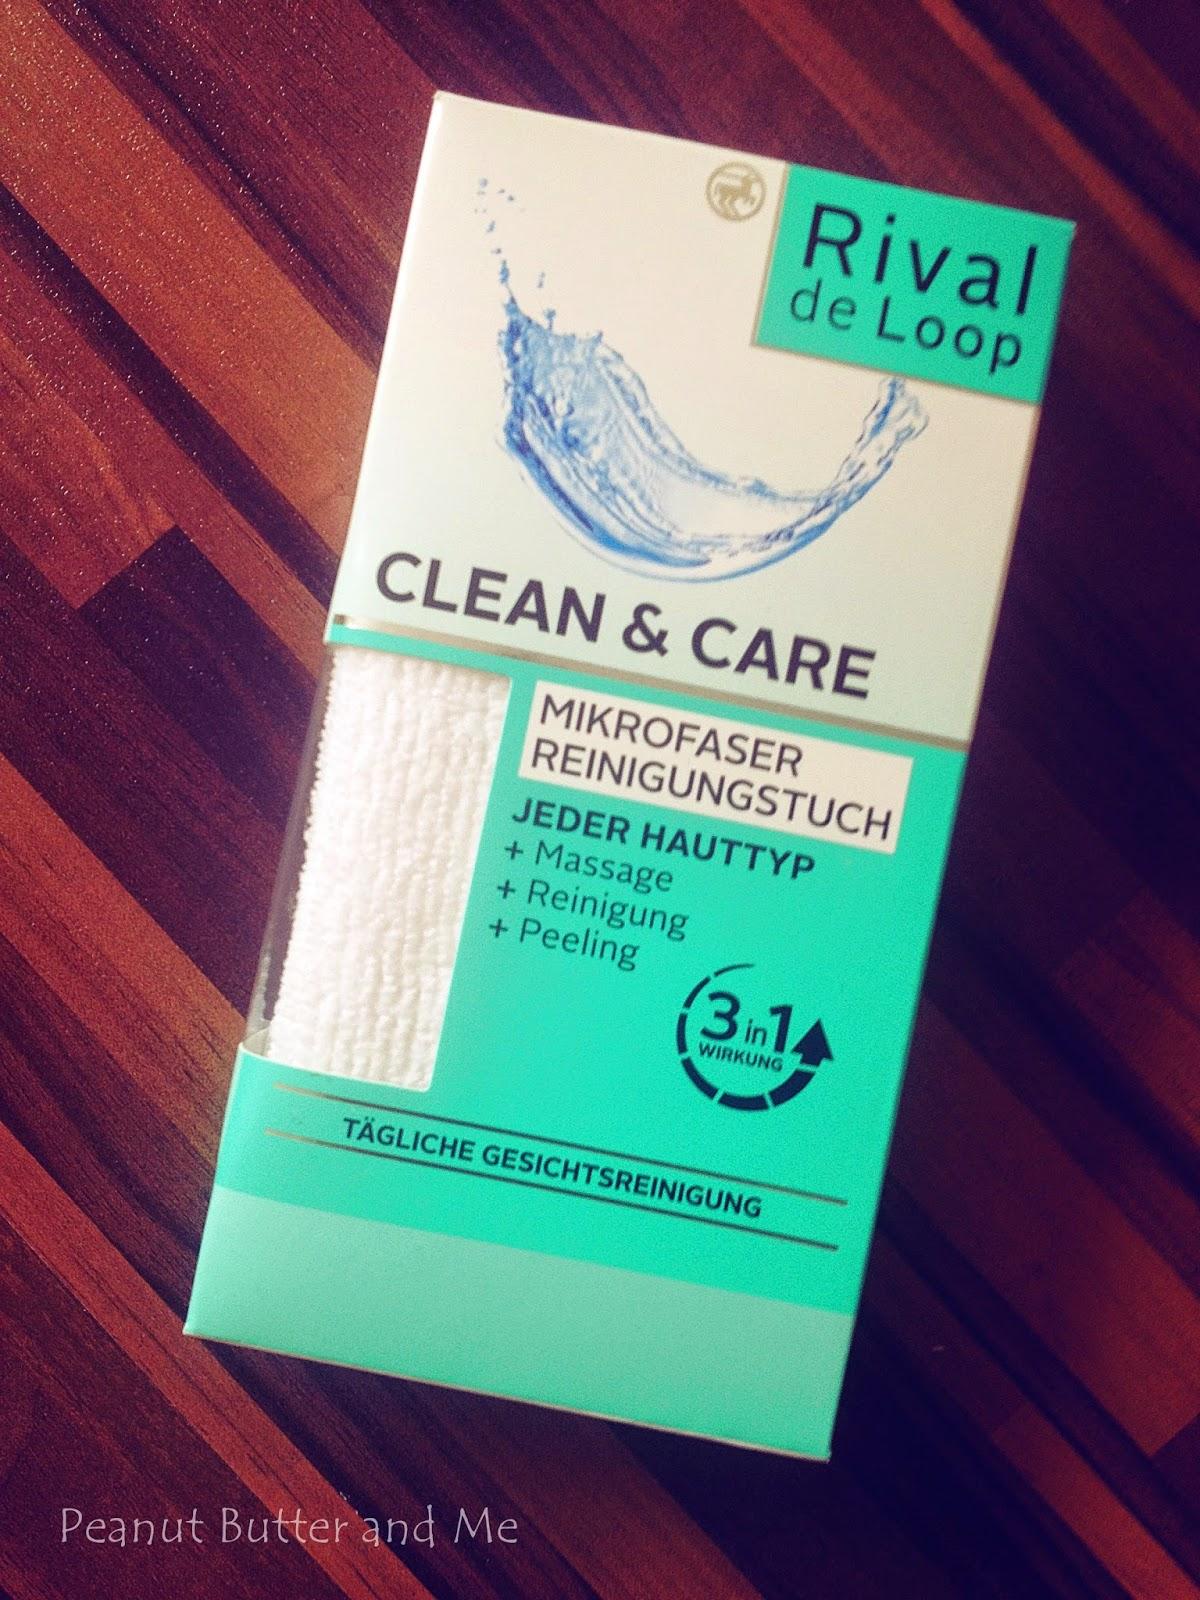 Rival de Loop szmatka muślinowa sciereczka do mycia twarzy